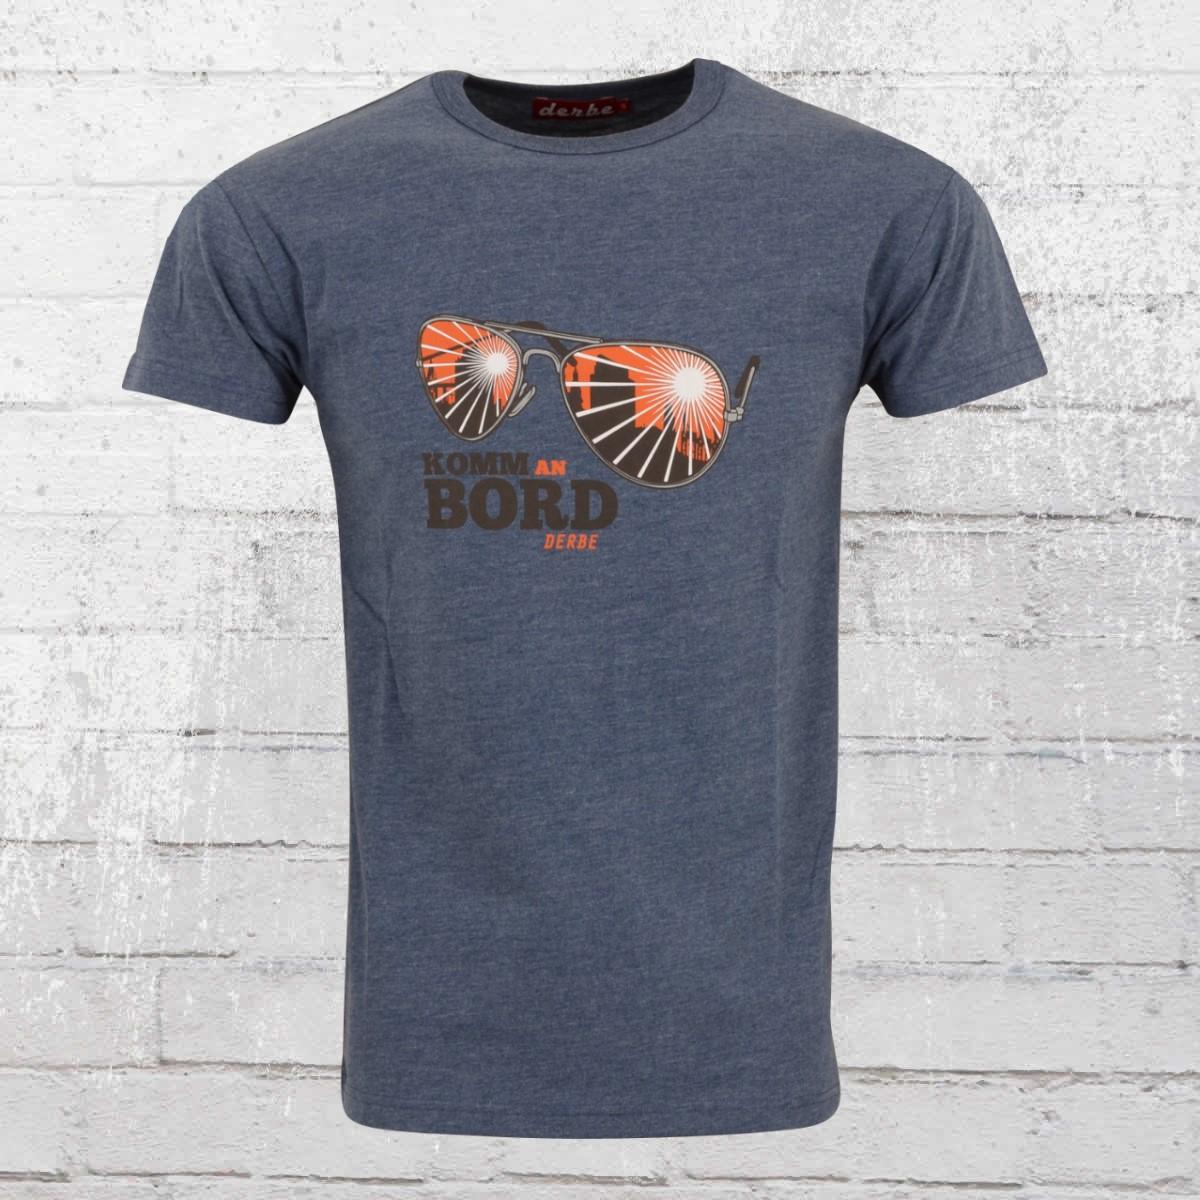 a4157ec1 Shirts & Hemden Derbe Hamburg Herren T-Shirt Komm an Bord navy blau Männer  Tshirt